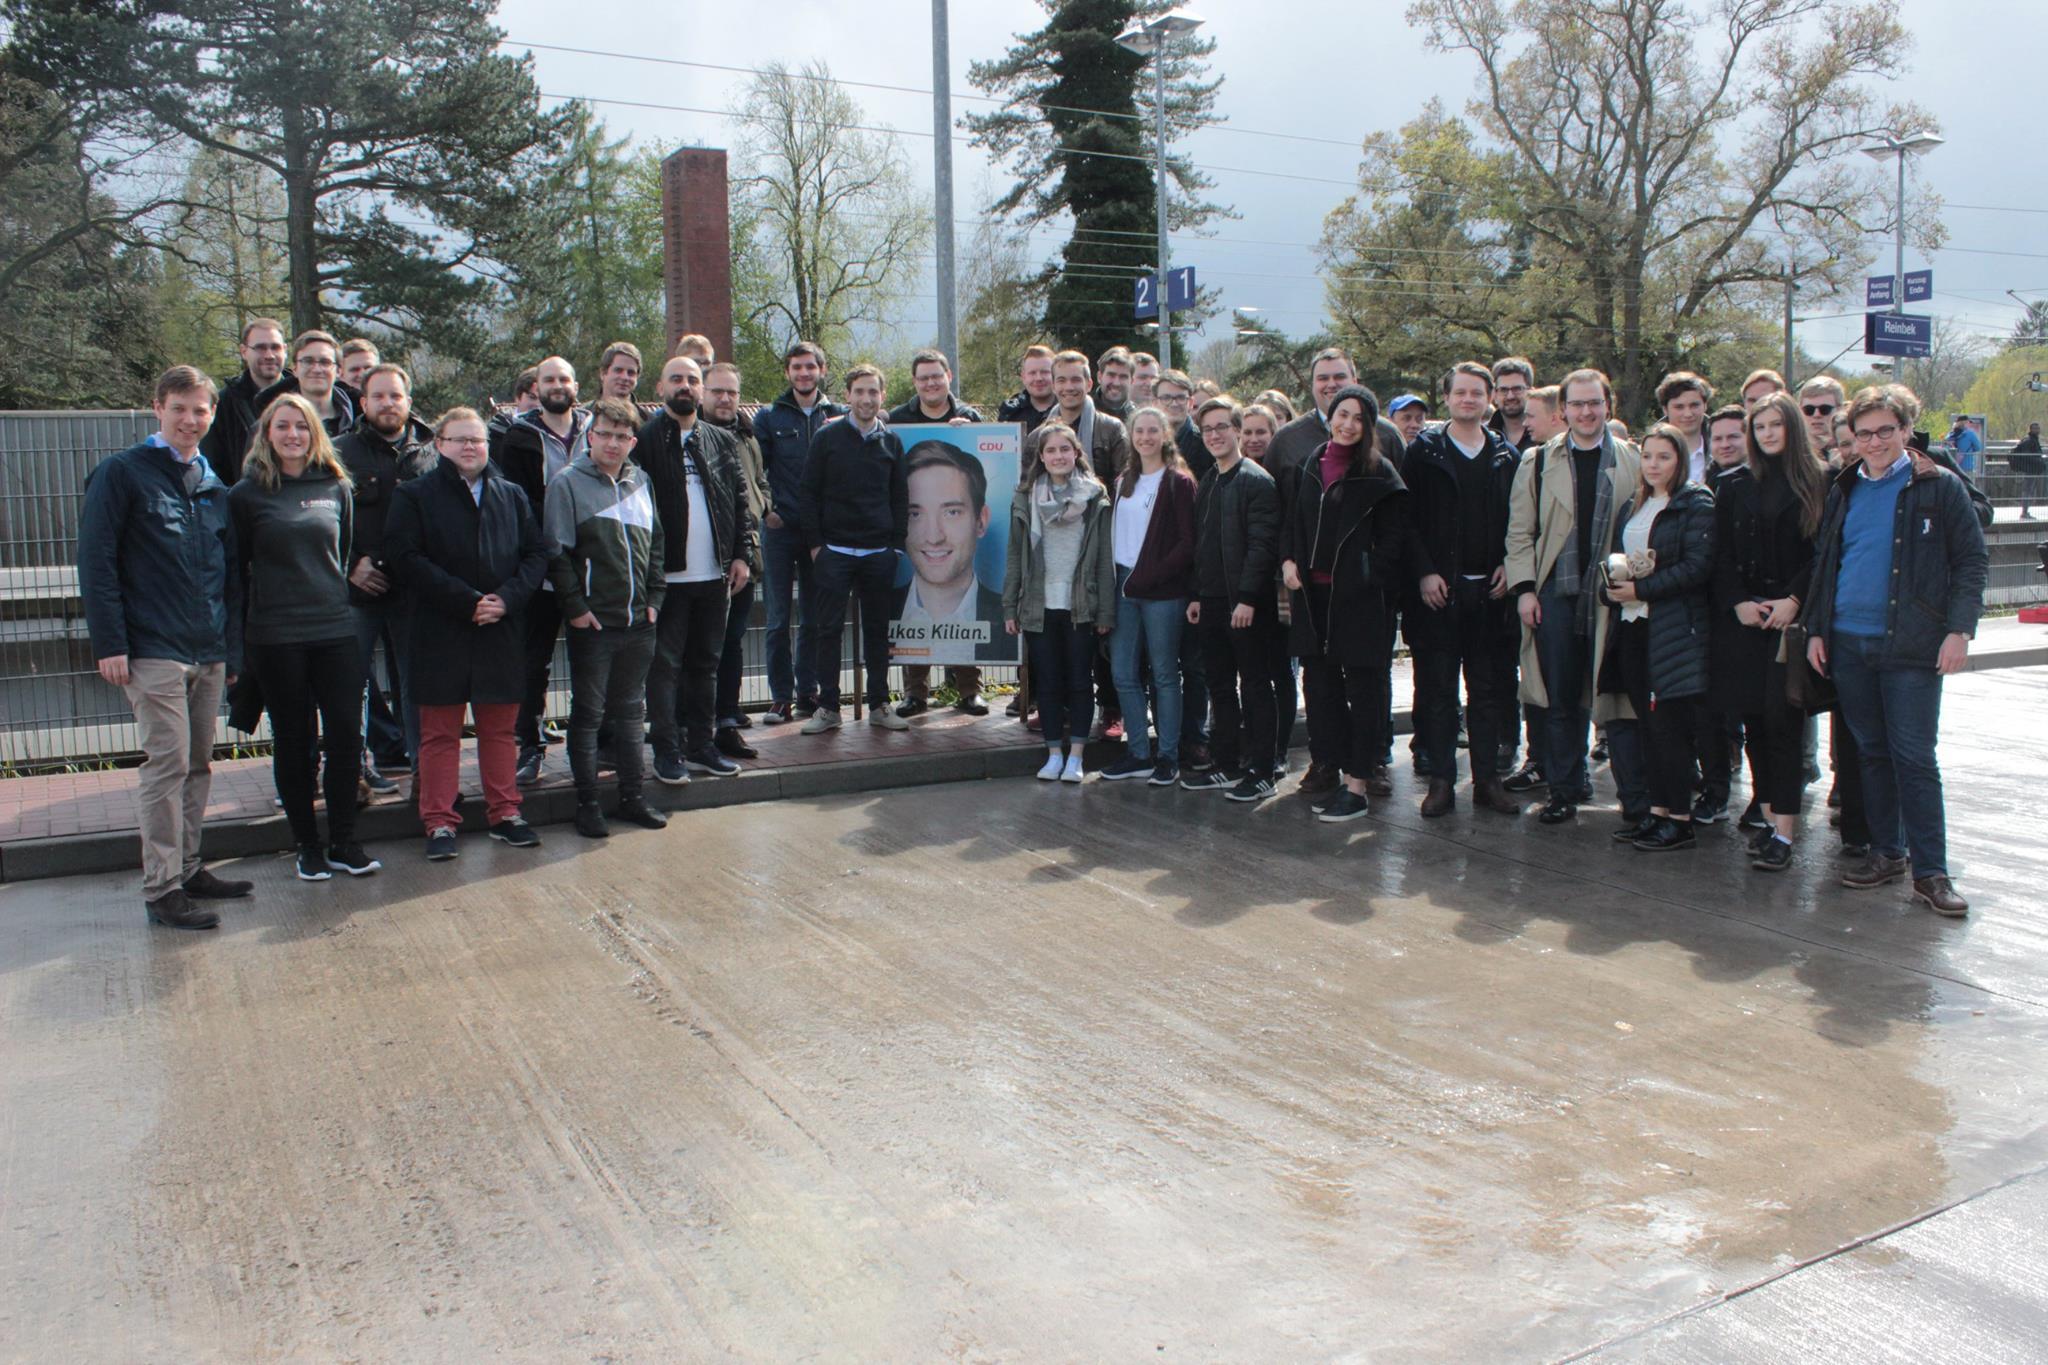 Tür zu tür  Tür zu Tür in Reinbek - Mehr als 60 JUler im Einsatz | JU Stormarn